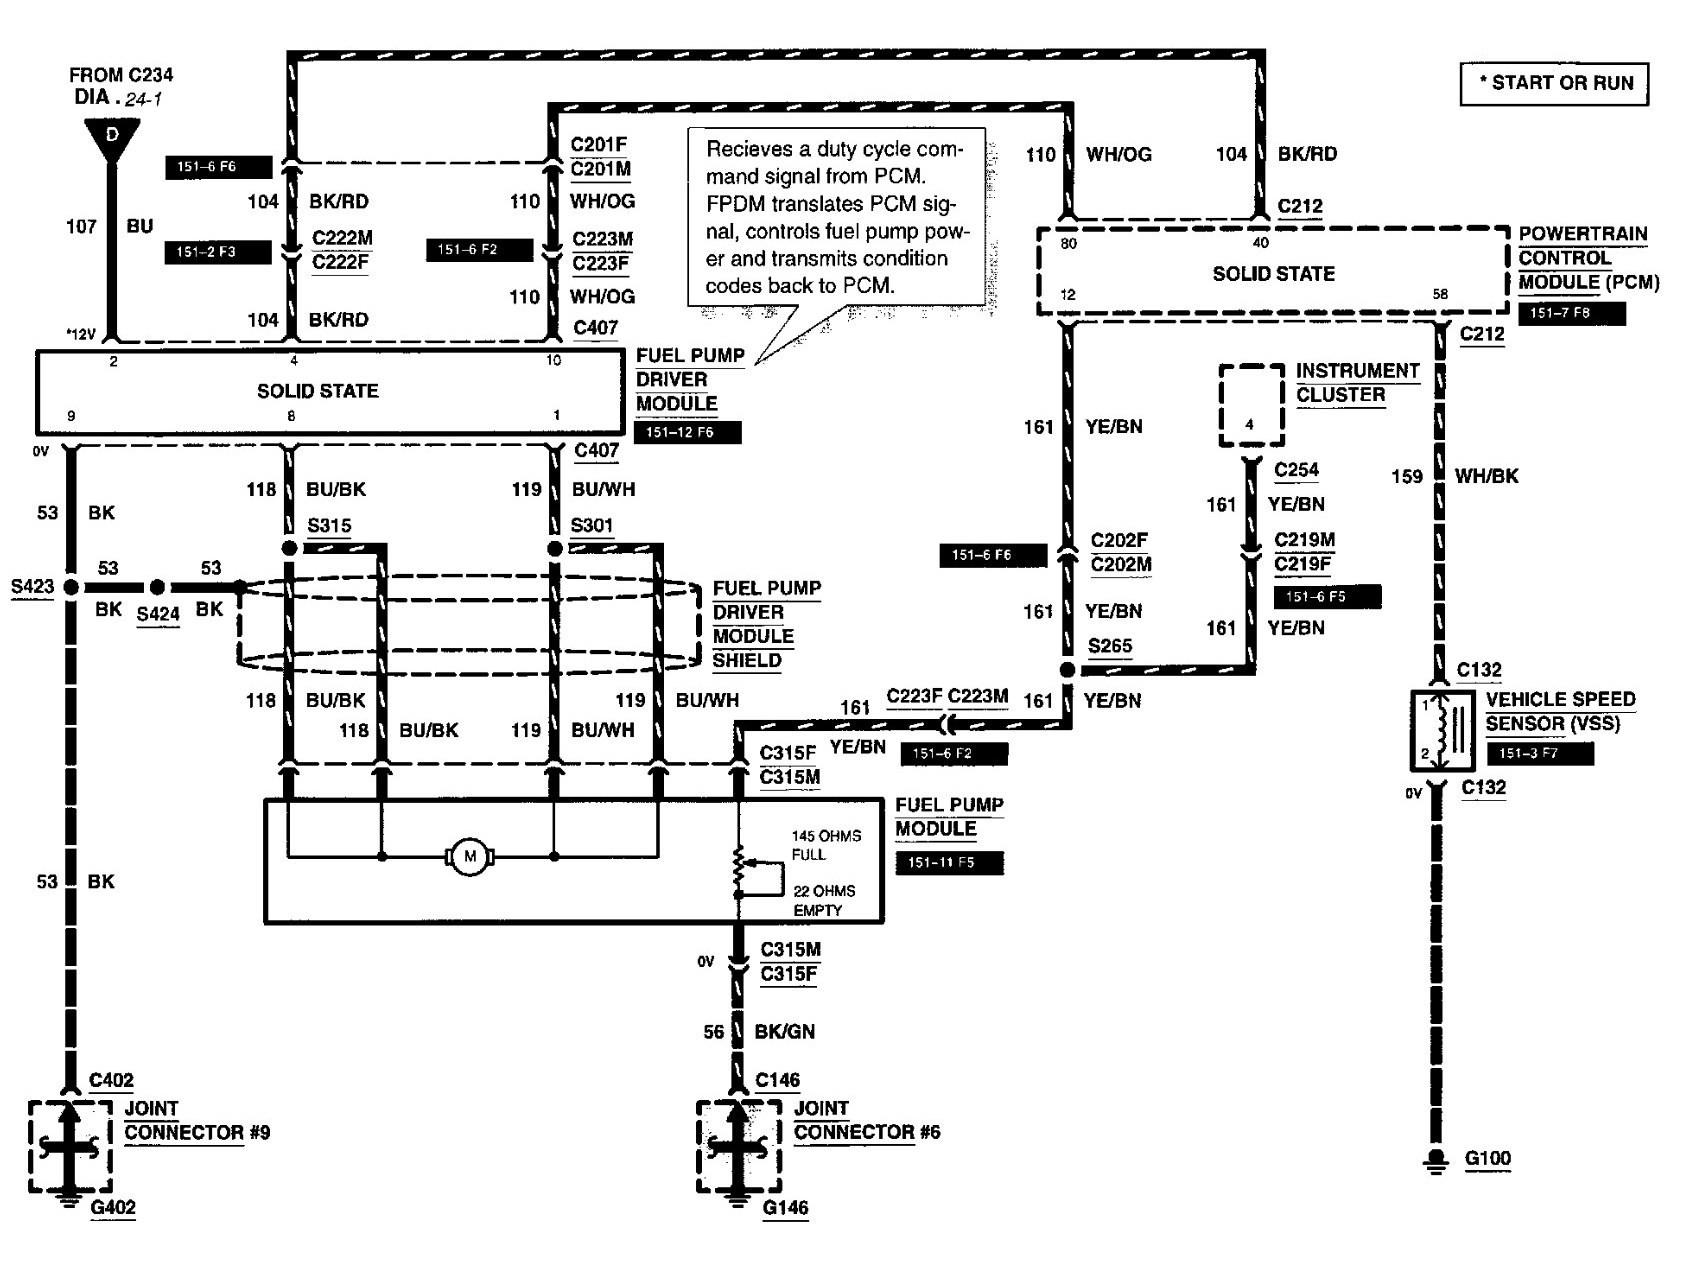 1998 ford Escort Zx2 Engine Diagram Category Wiring 0 Of 1998 ford Escort Zx2 Engine Diagram 1993 ford Escort Wiring Diagram Fresh 1993 ford F150 Alternator